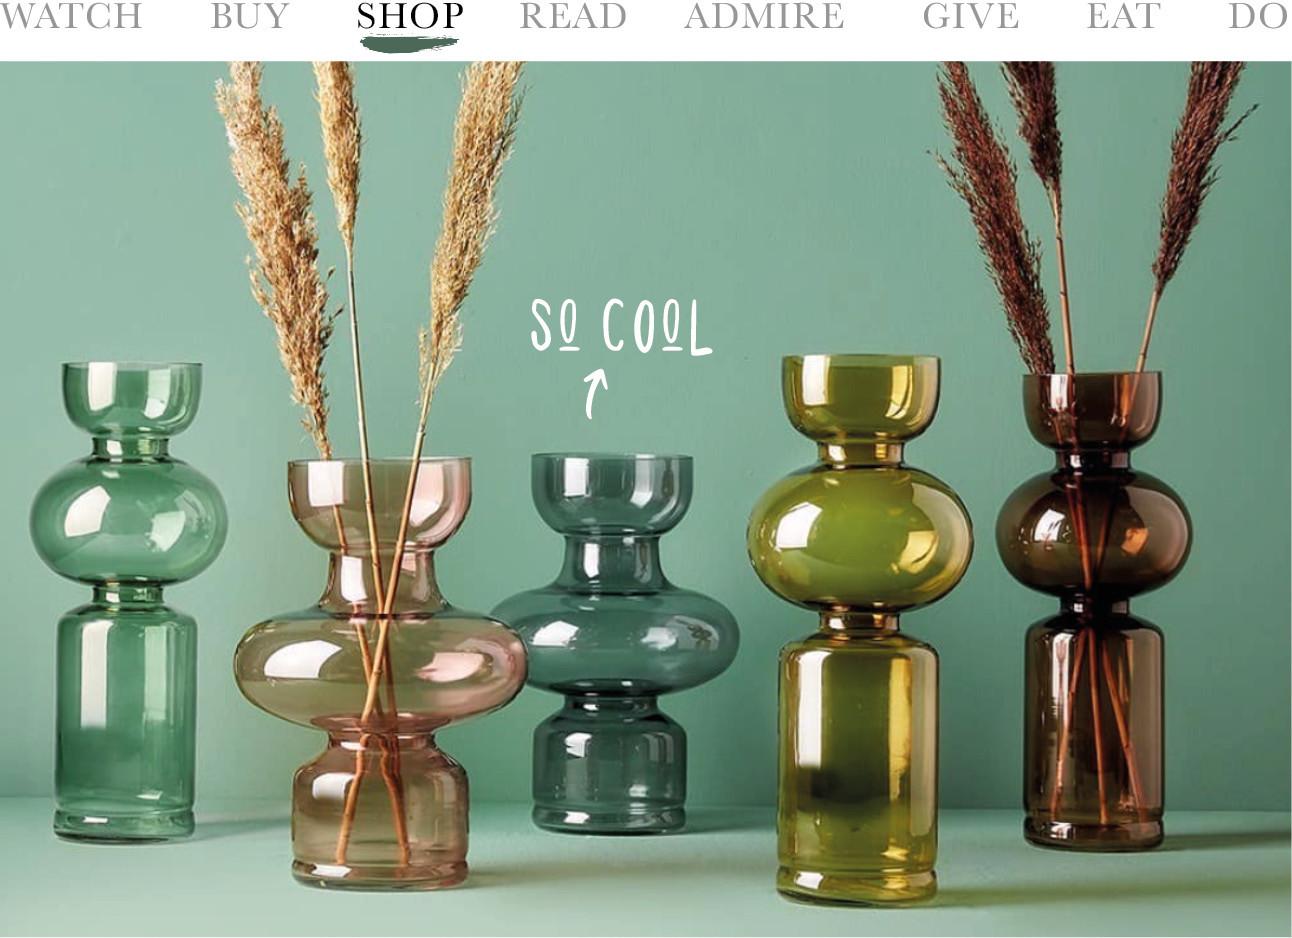 verschillende gekleurde vazen met pluimen voor een groene achtergrond